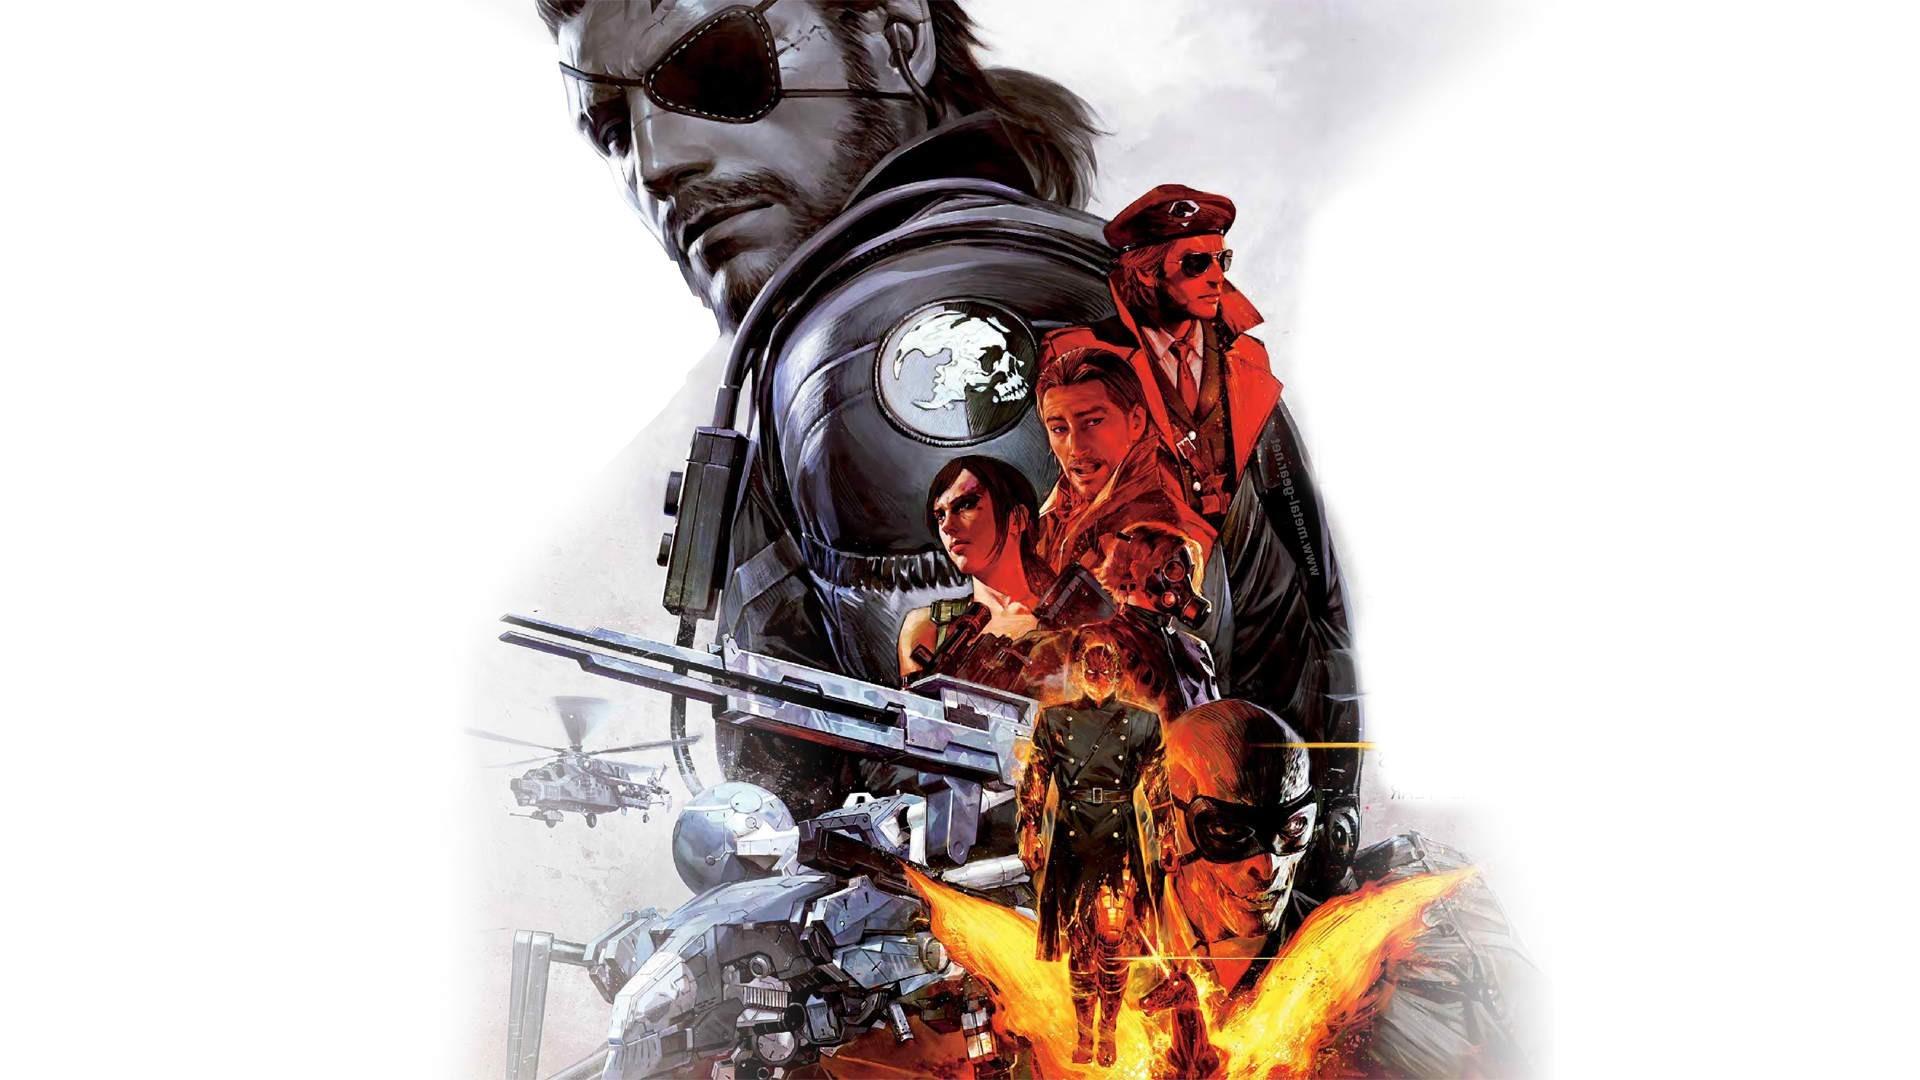 Artwork Metal Gear Solid Revolver Ocelot Venom Snake 1306762